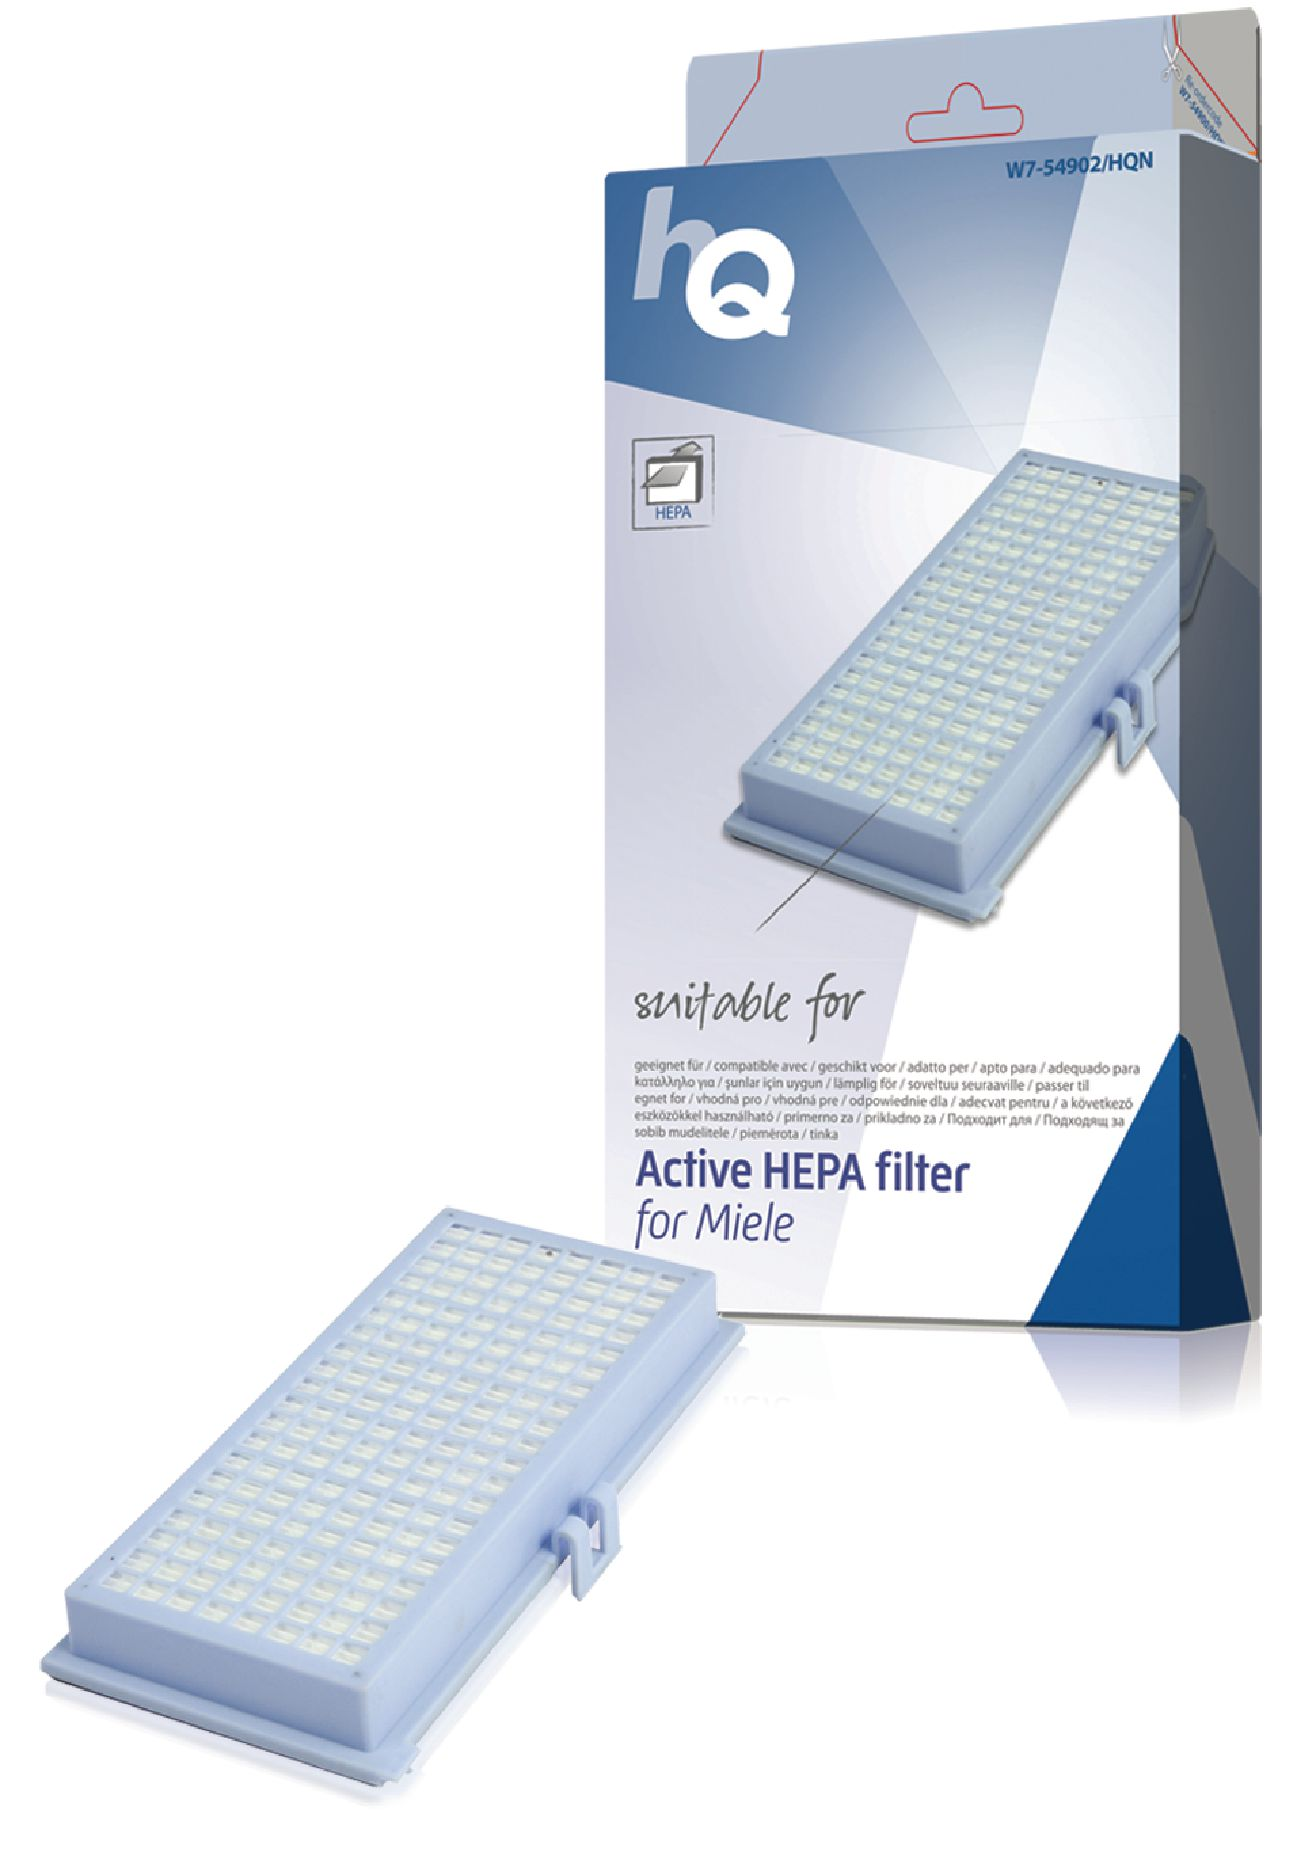 Náhradní aktivní HEPA Filtr Miele - 04854915